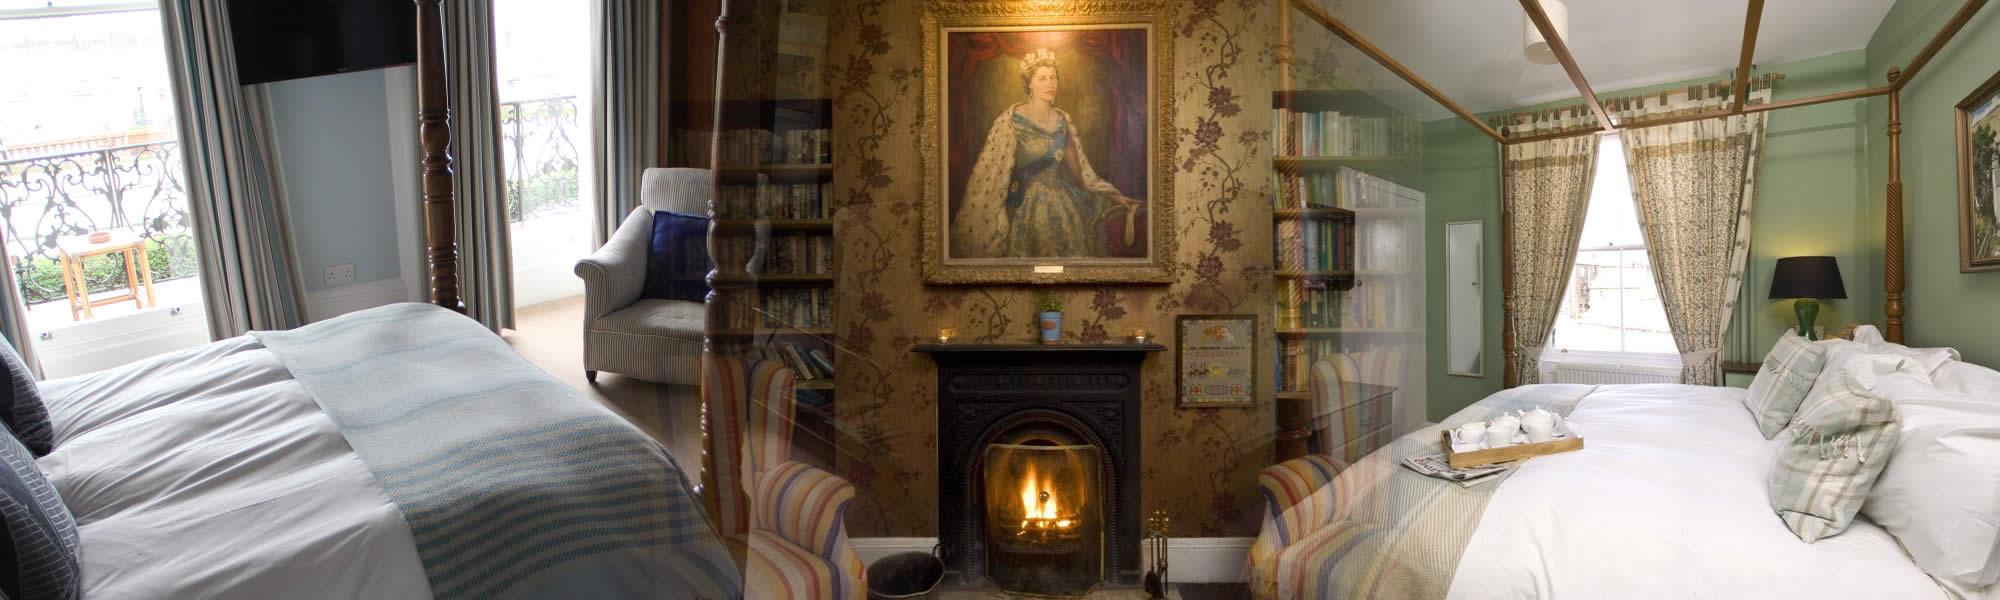 Character Rooms - Visit Ramsgate